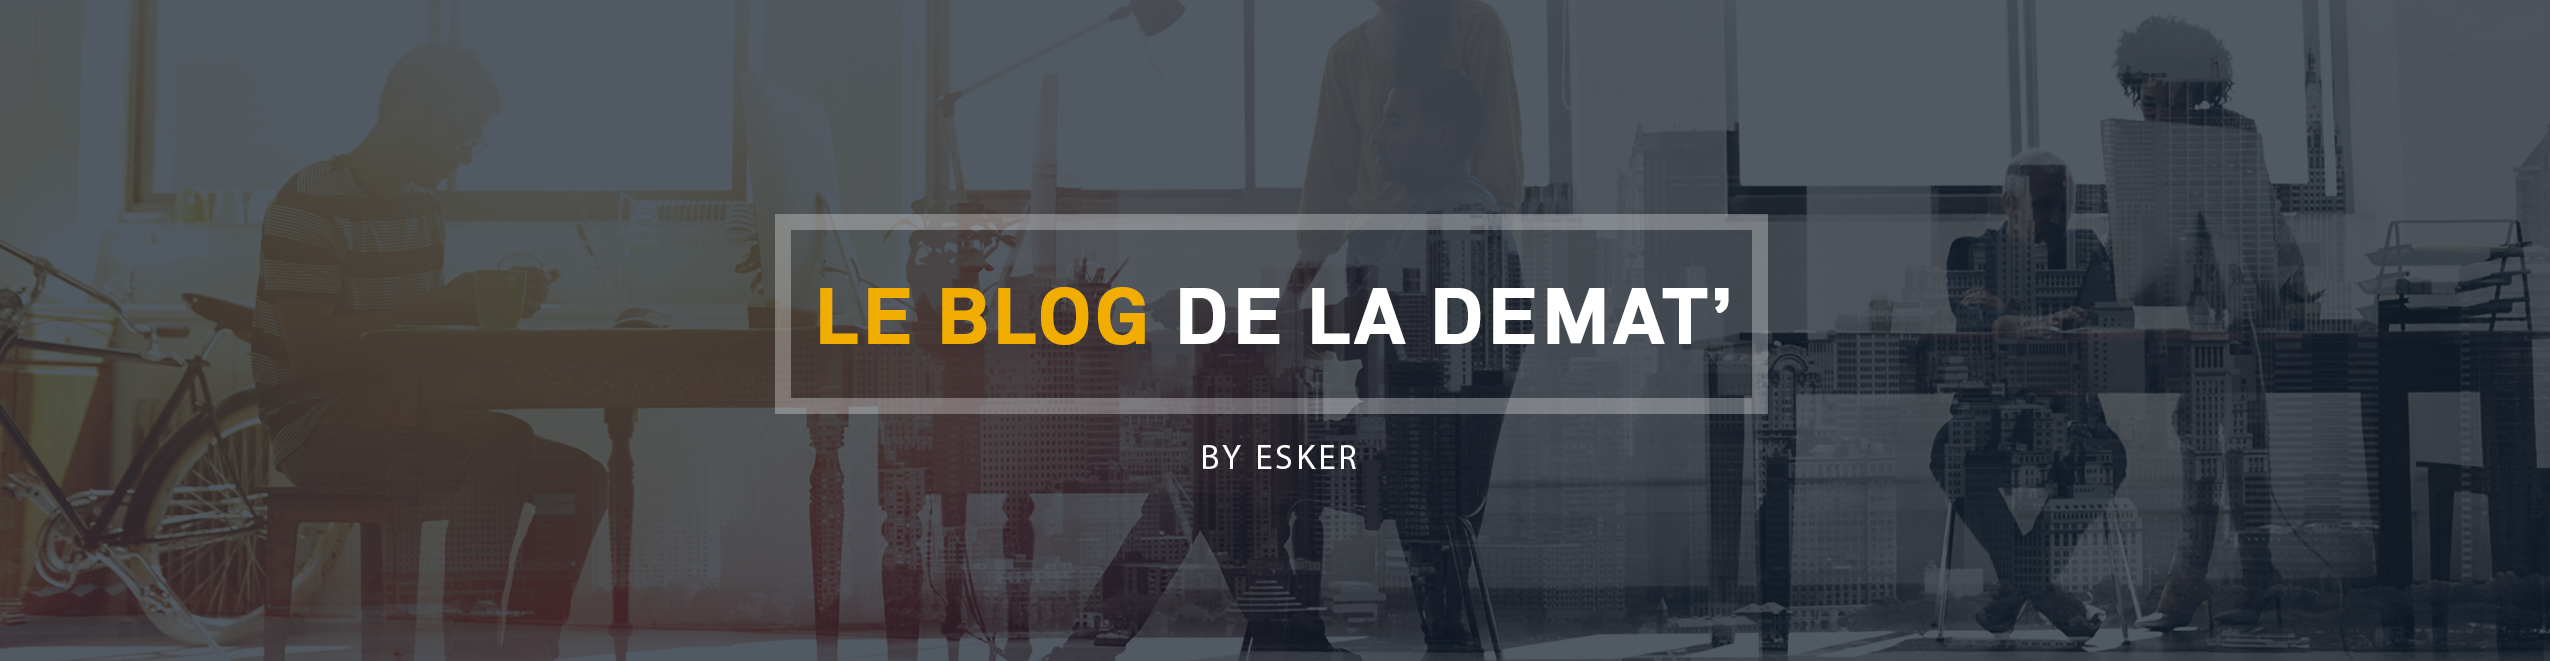 Le Blog de la Démat' by Esker